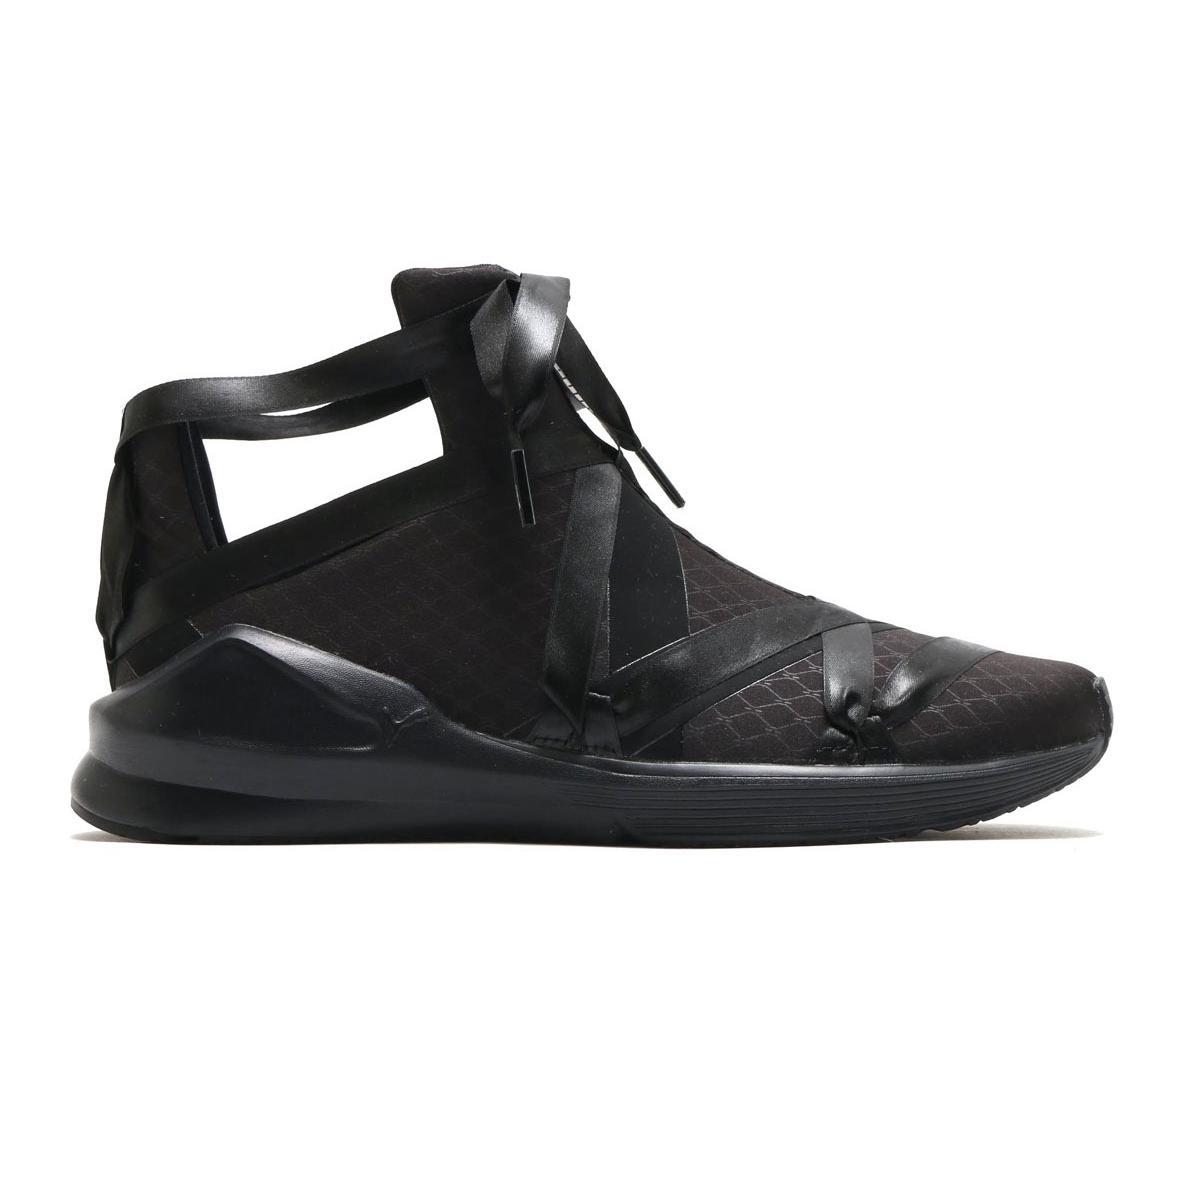 fad6f2fc771e73 PUMA Fierce Rope Satin En Pointe - Women Shoes (Black) 190538-02